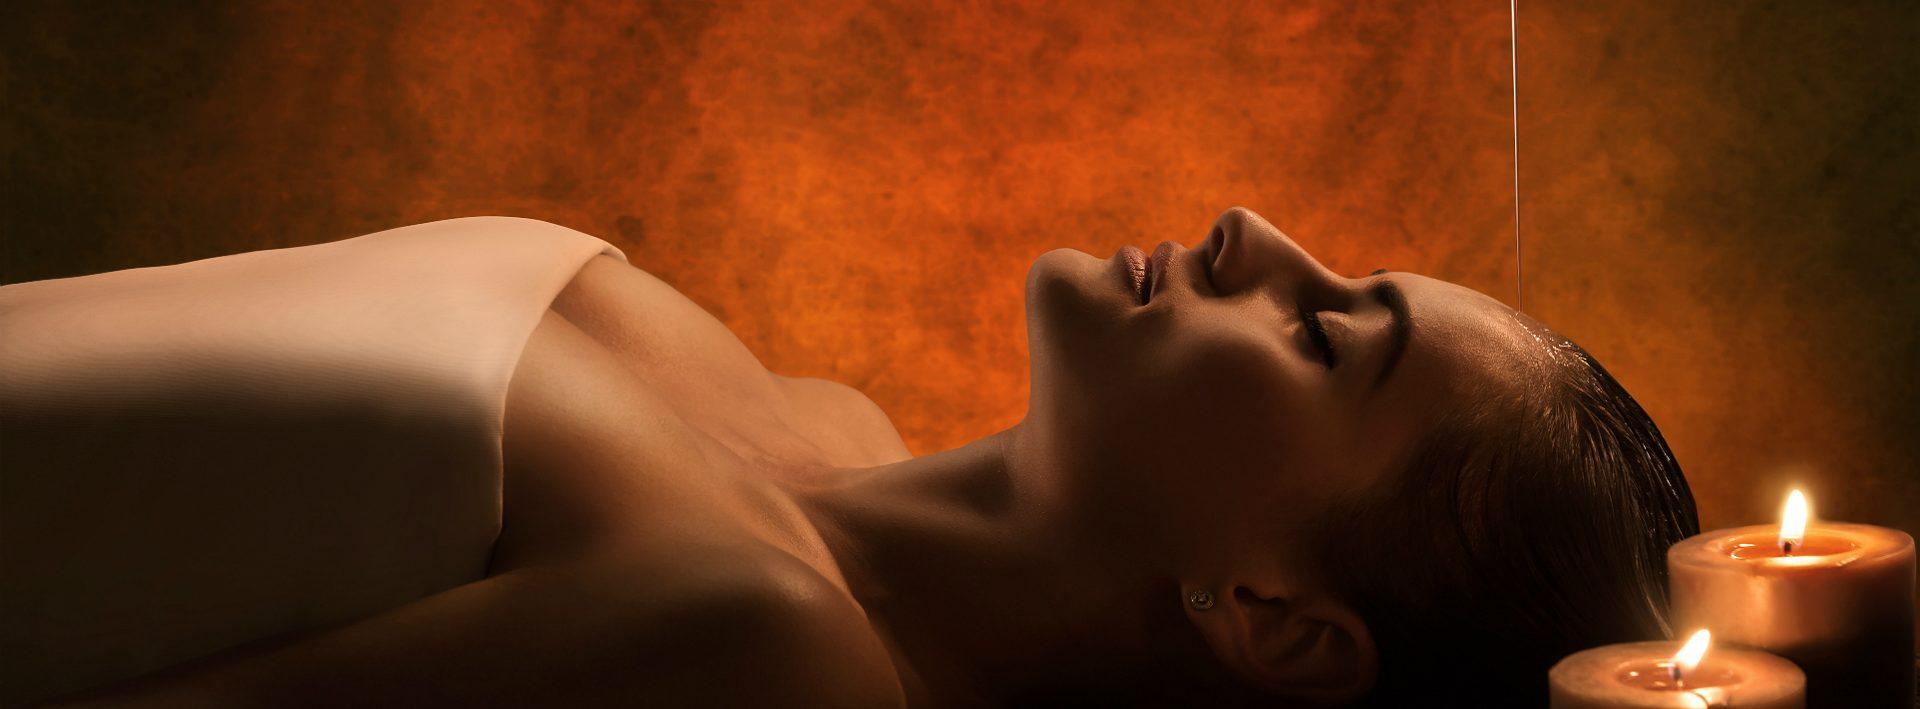 Salon masażu i odnowy biologicznej 1 - www.mindful.org.pl